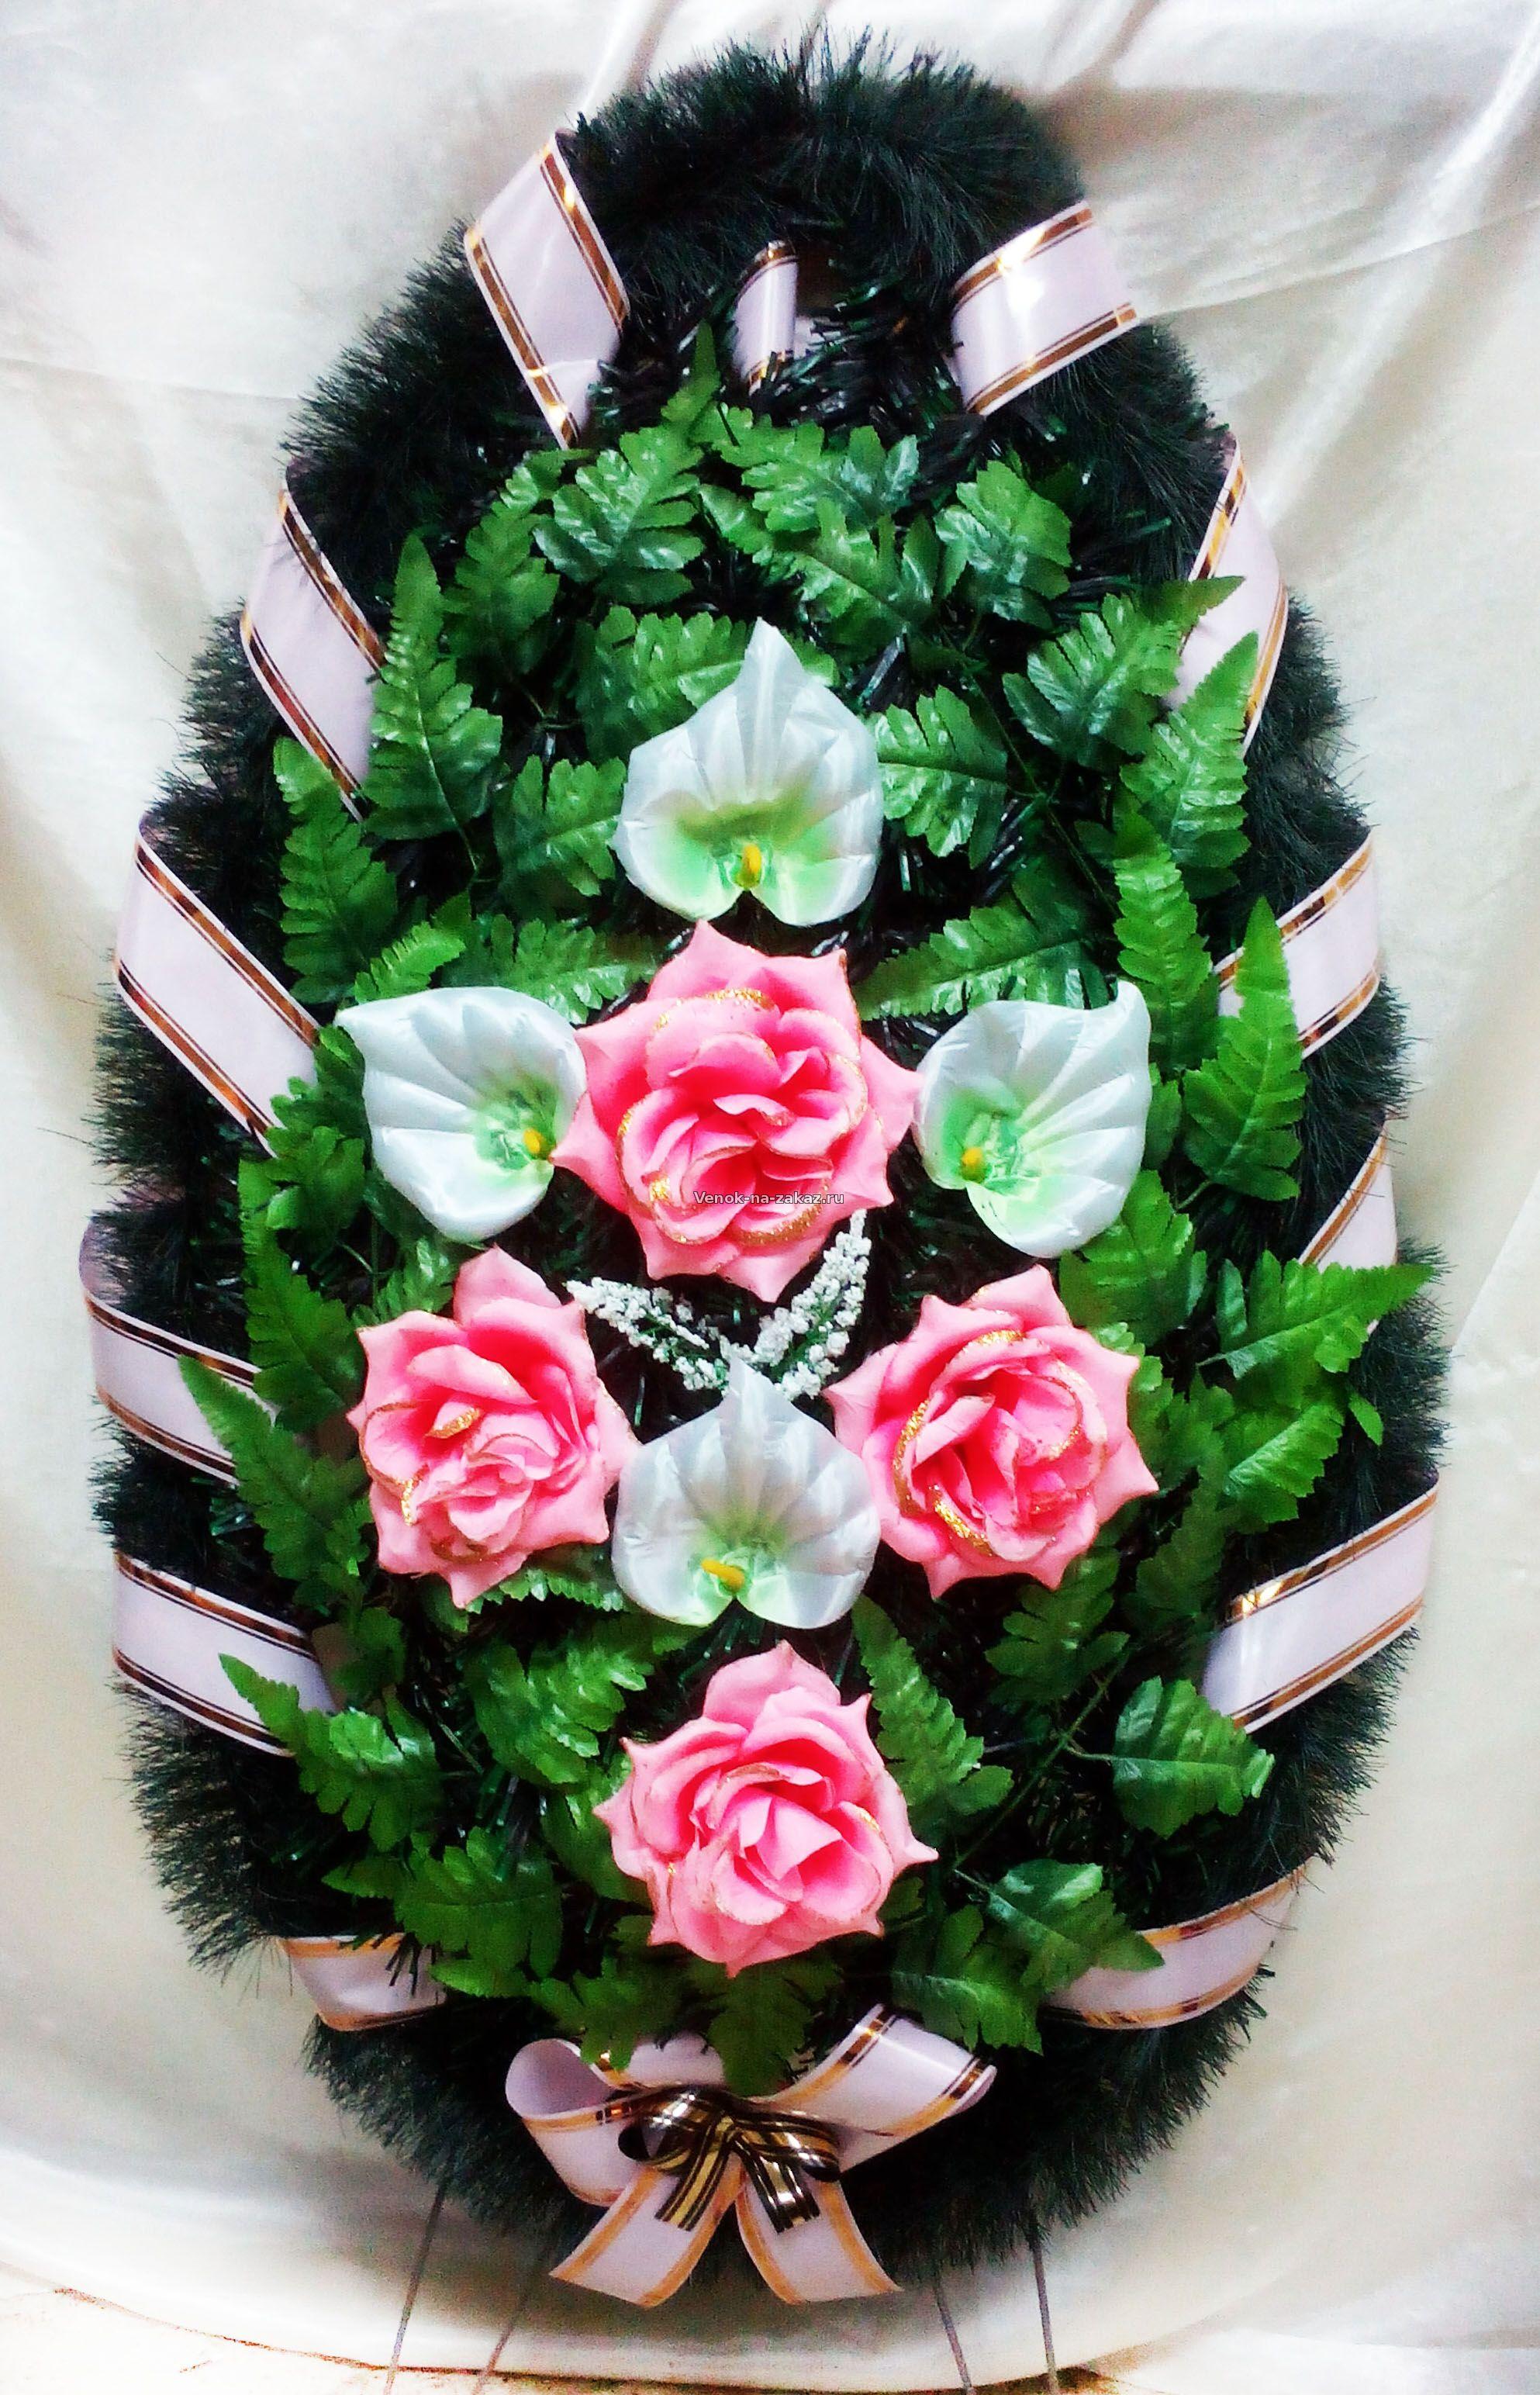 Фото венков из искусственных цветов больших